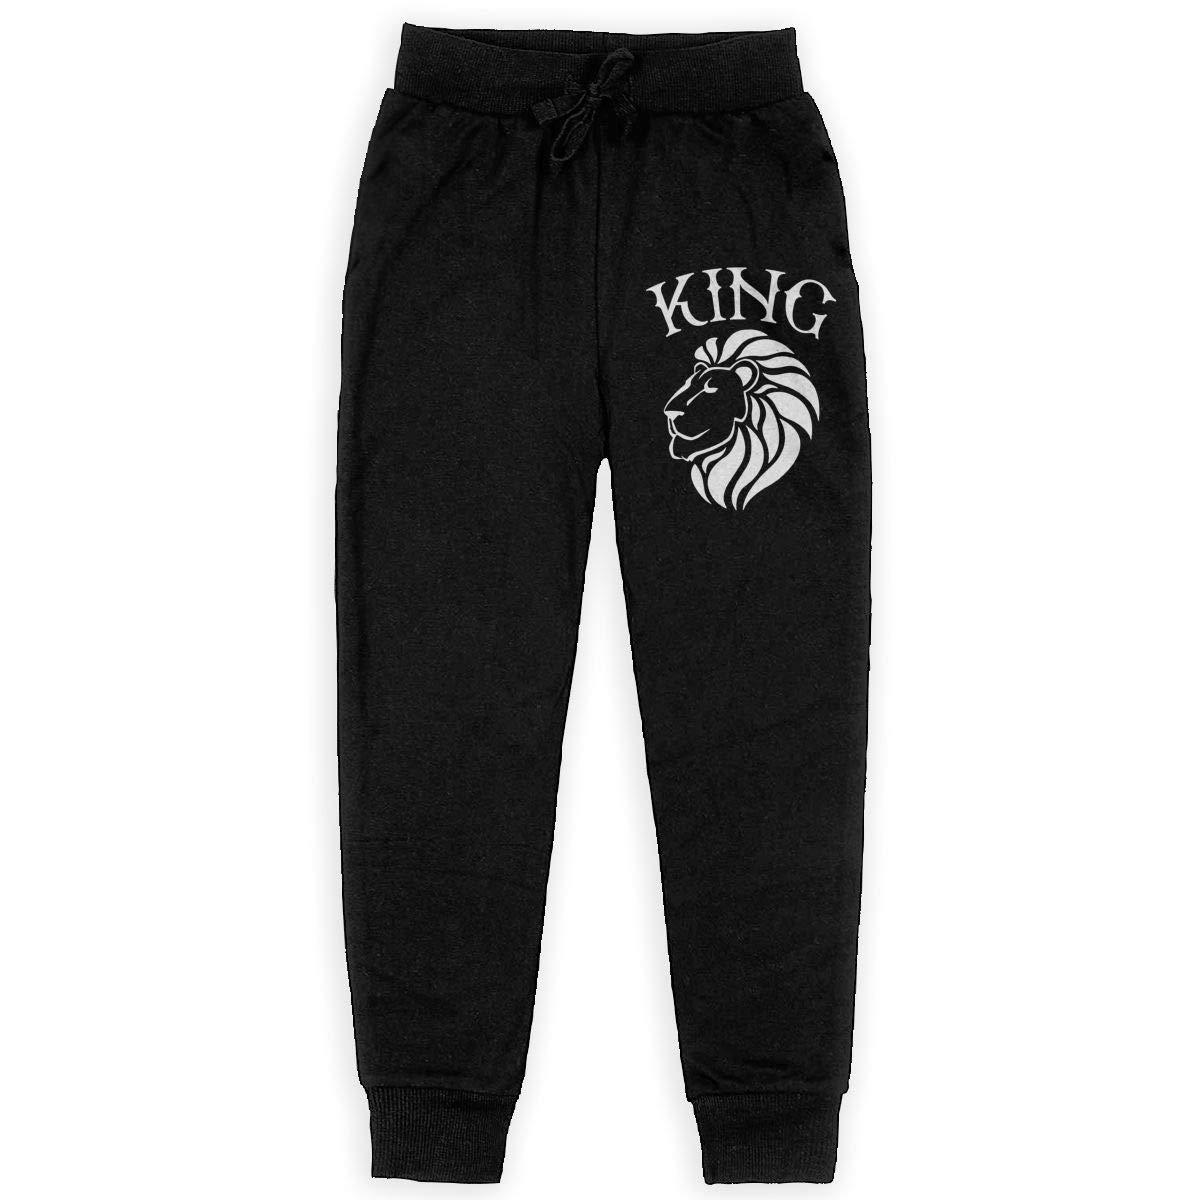 XinT Jungle Lion Teenagers Boys Sweatpants Fashion Pants with Pockets